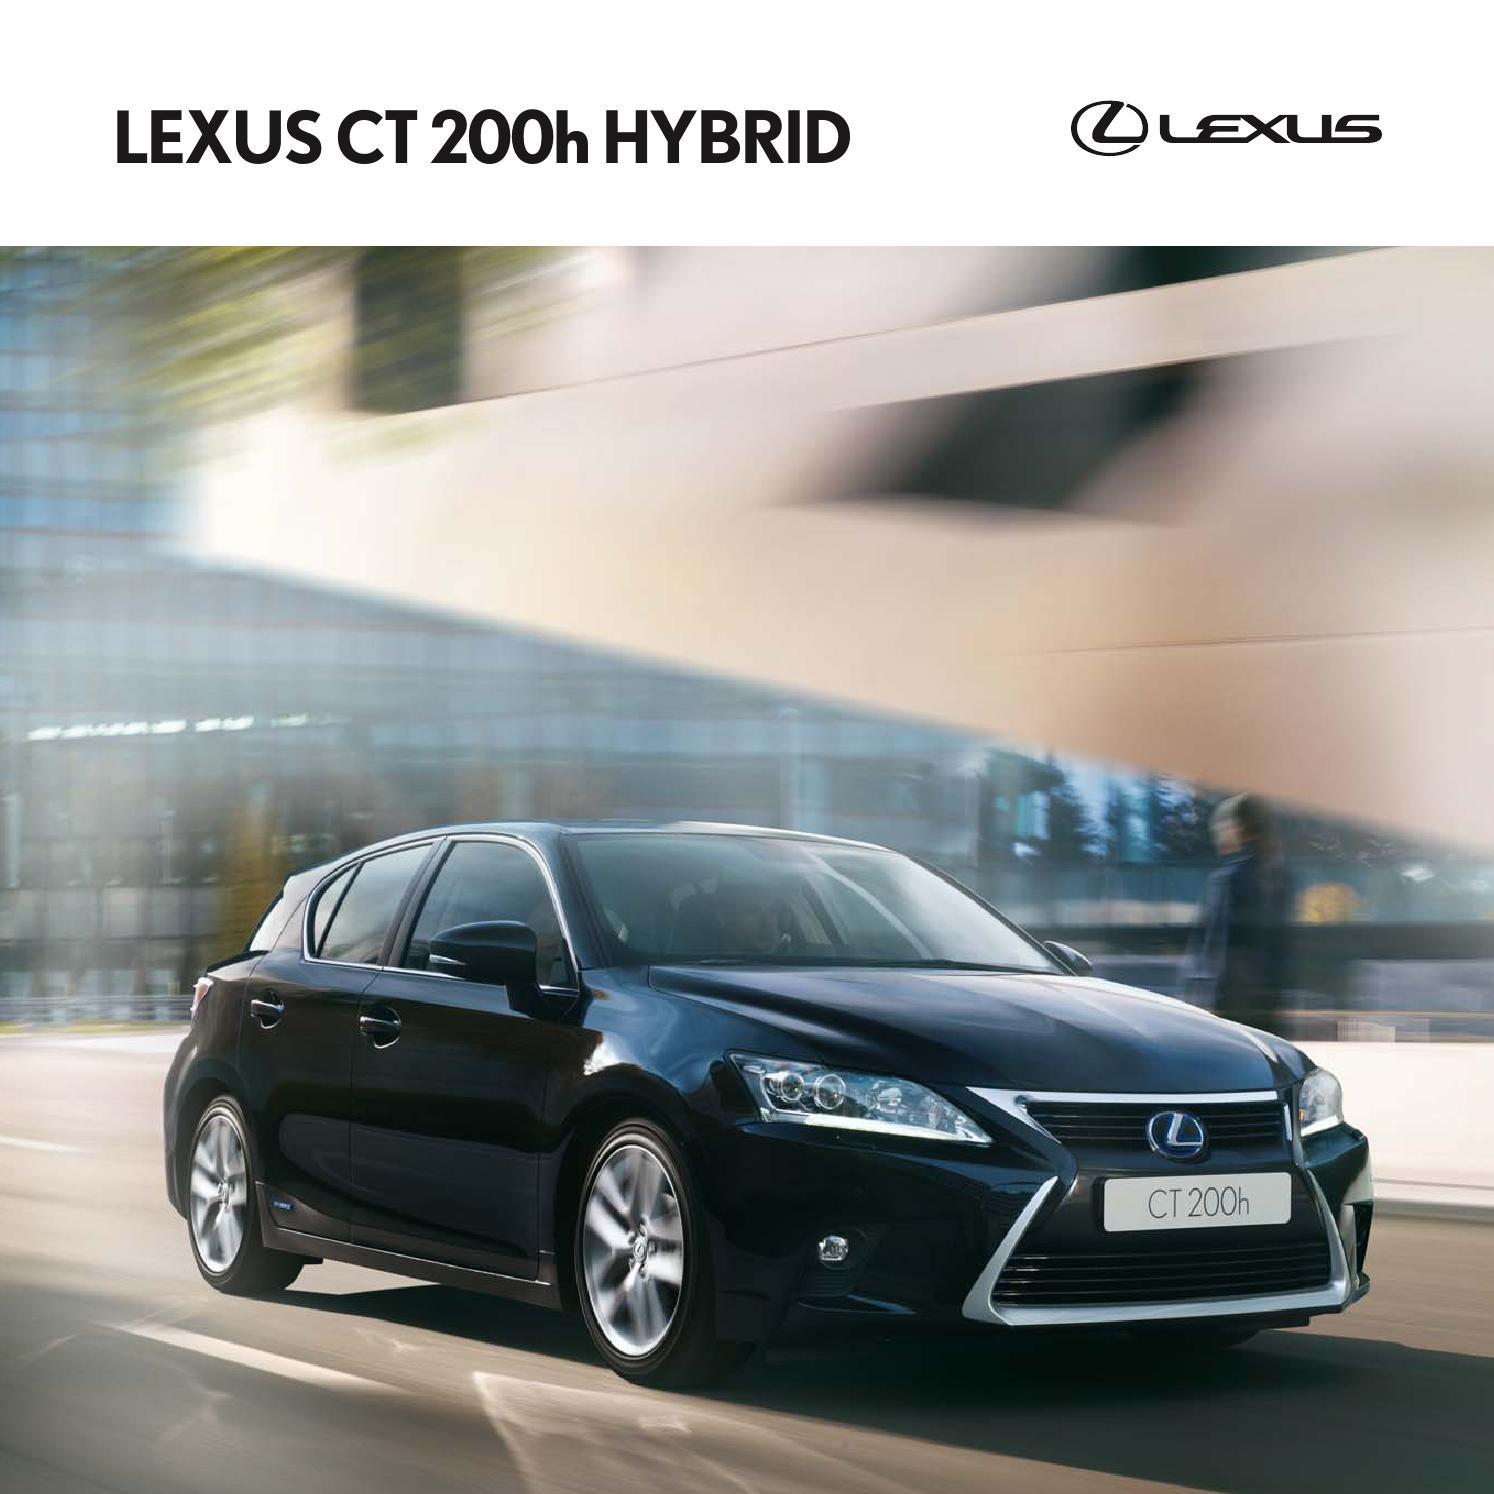 Lexus Dealerships In Ct: Ct200h 2015 02 By Lexus Europe